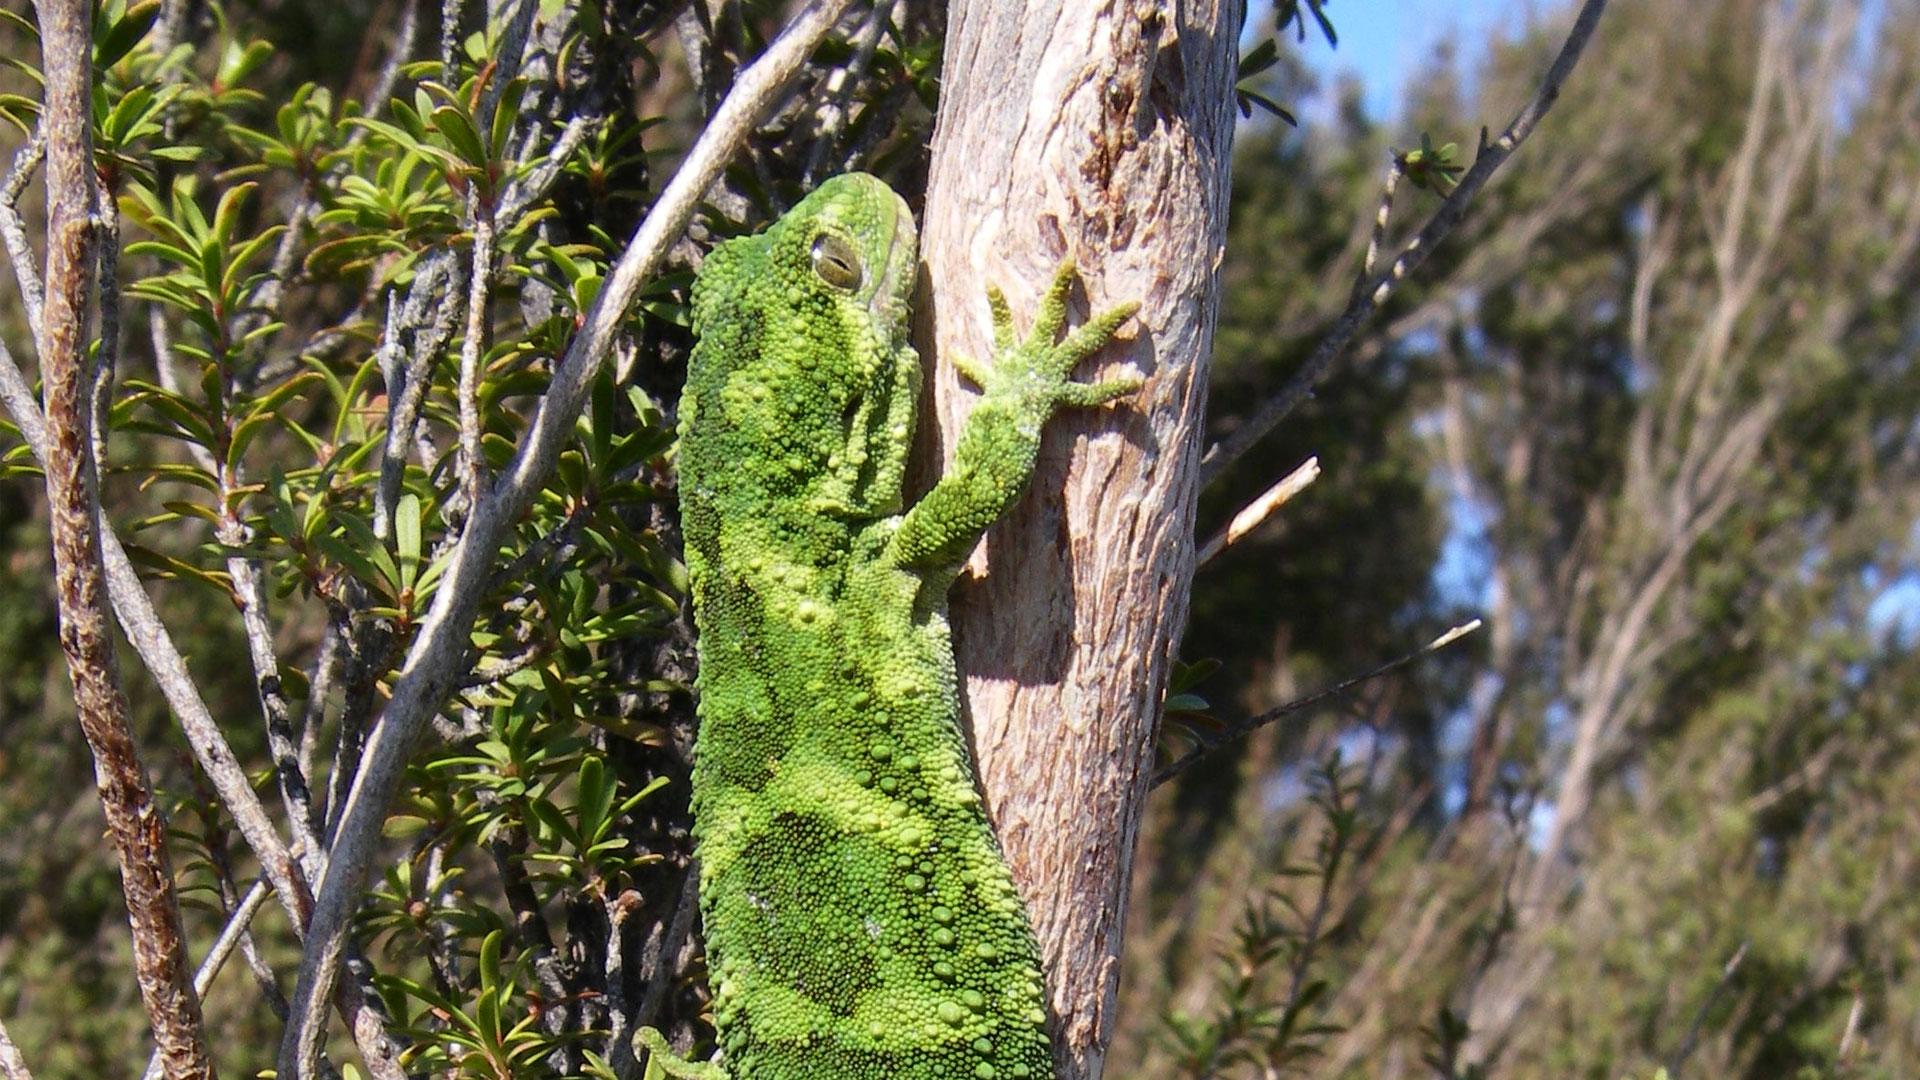 https://rfacdn.nz/zoo/assets/media/rough-gecko-gallery-3.jpg